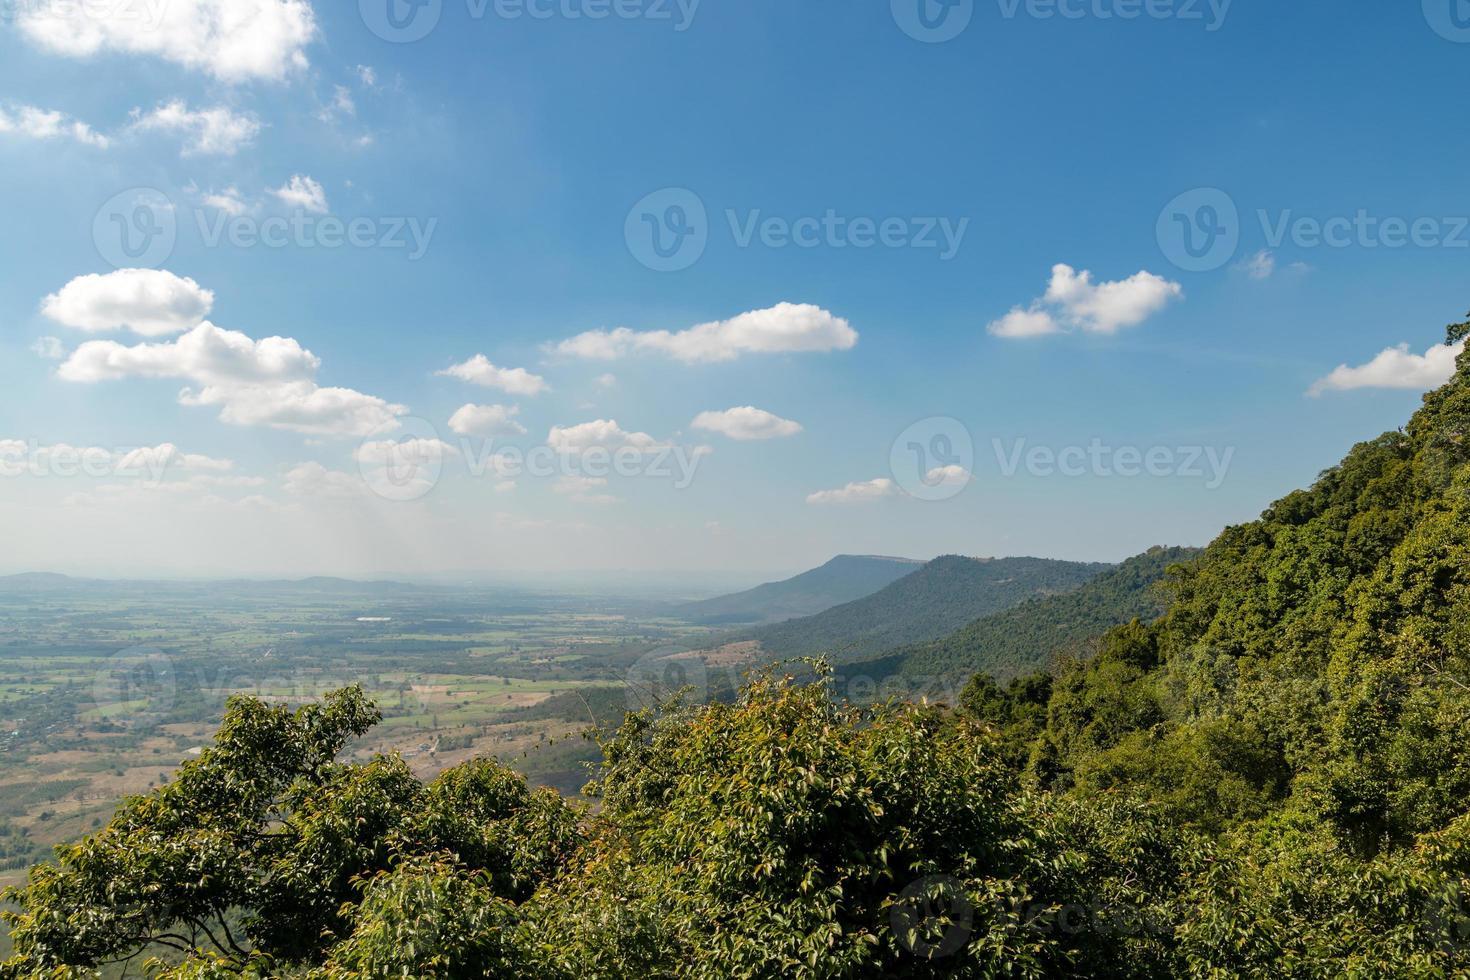 Tailandia paisaje de bosque tropical con fondo de cielo azul y montaña foto